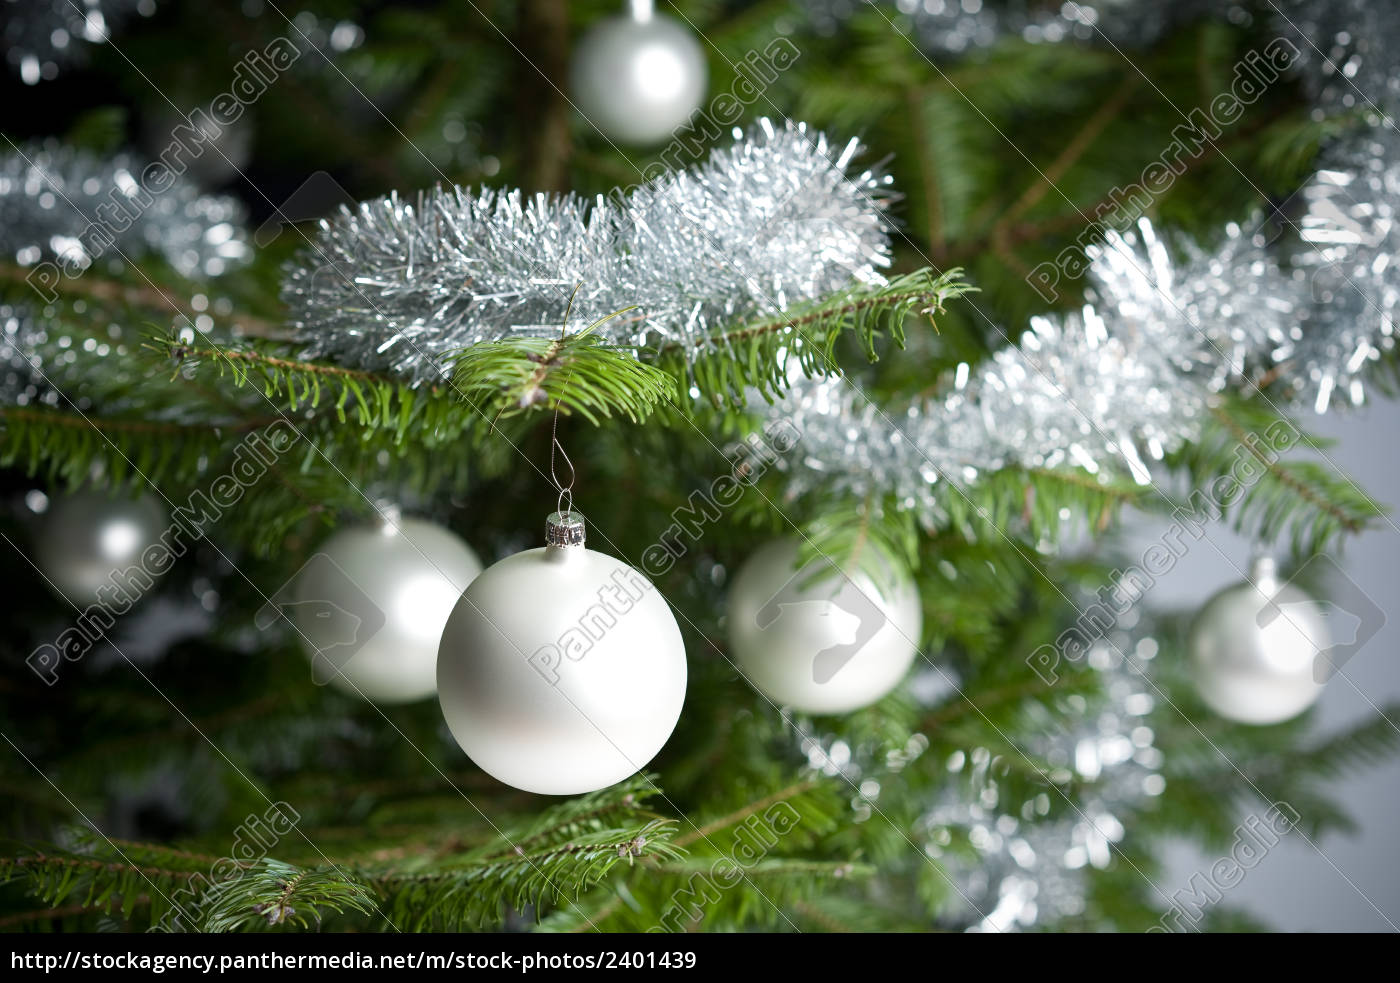 silber geschm ckten weihnachtsbaum mit kugeln und. Black Bedroom Furniture Sets. Home Design Ideas